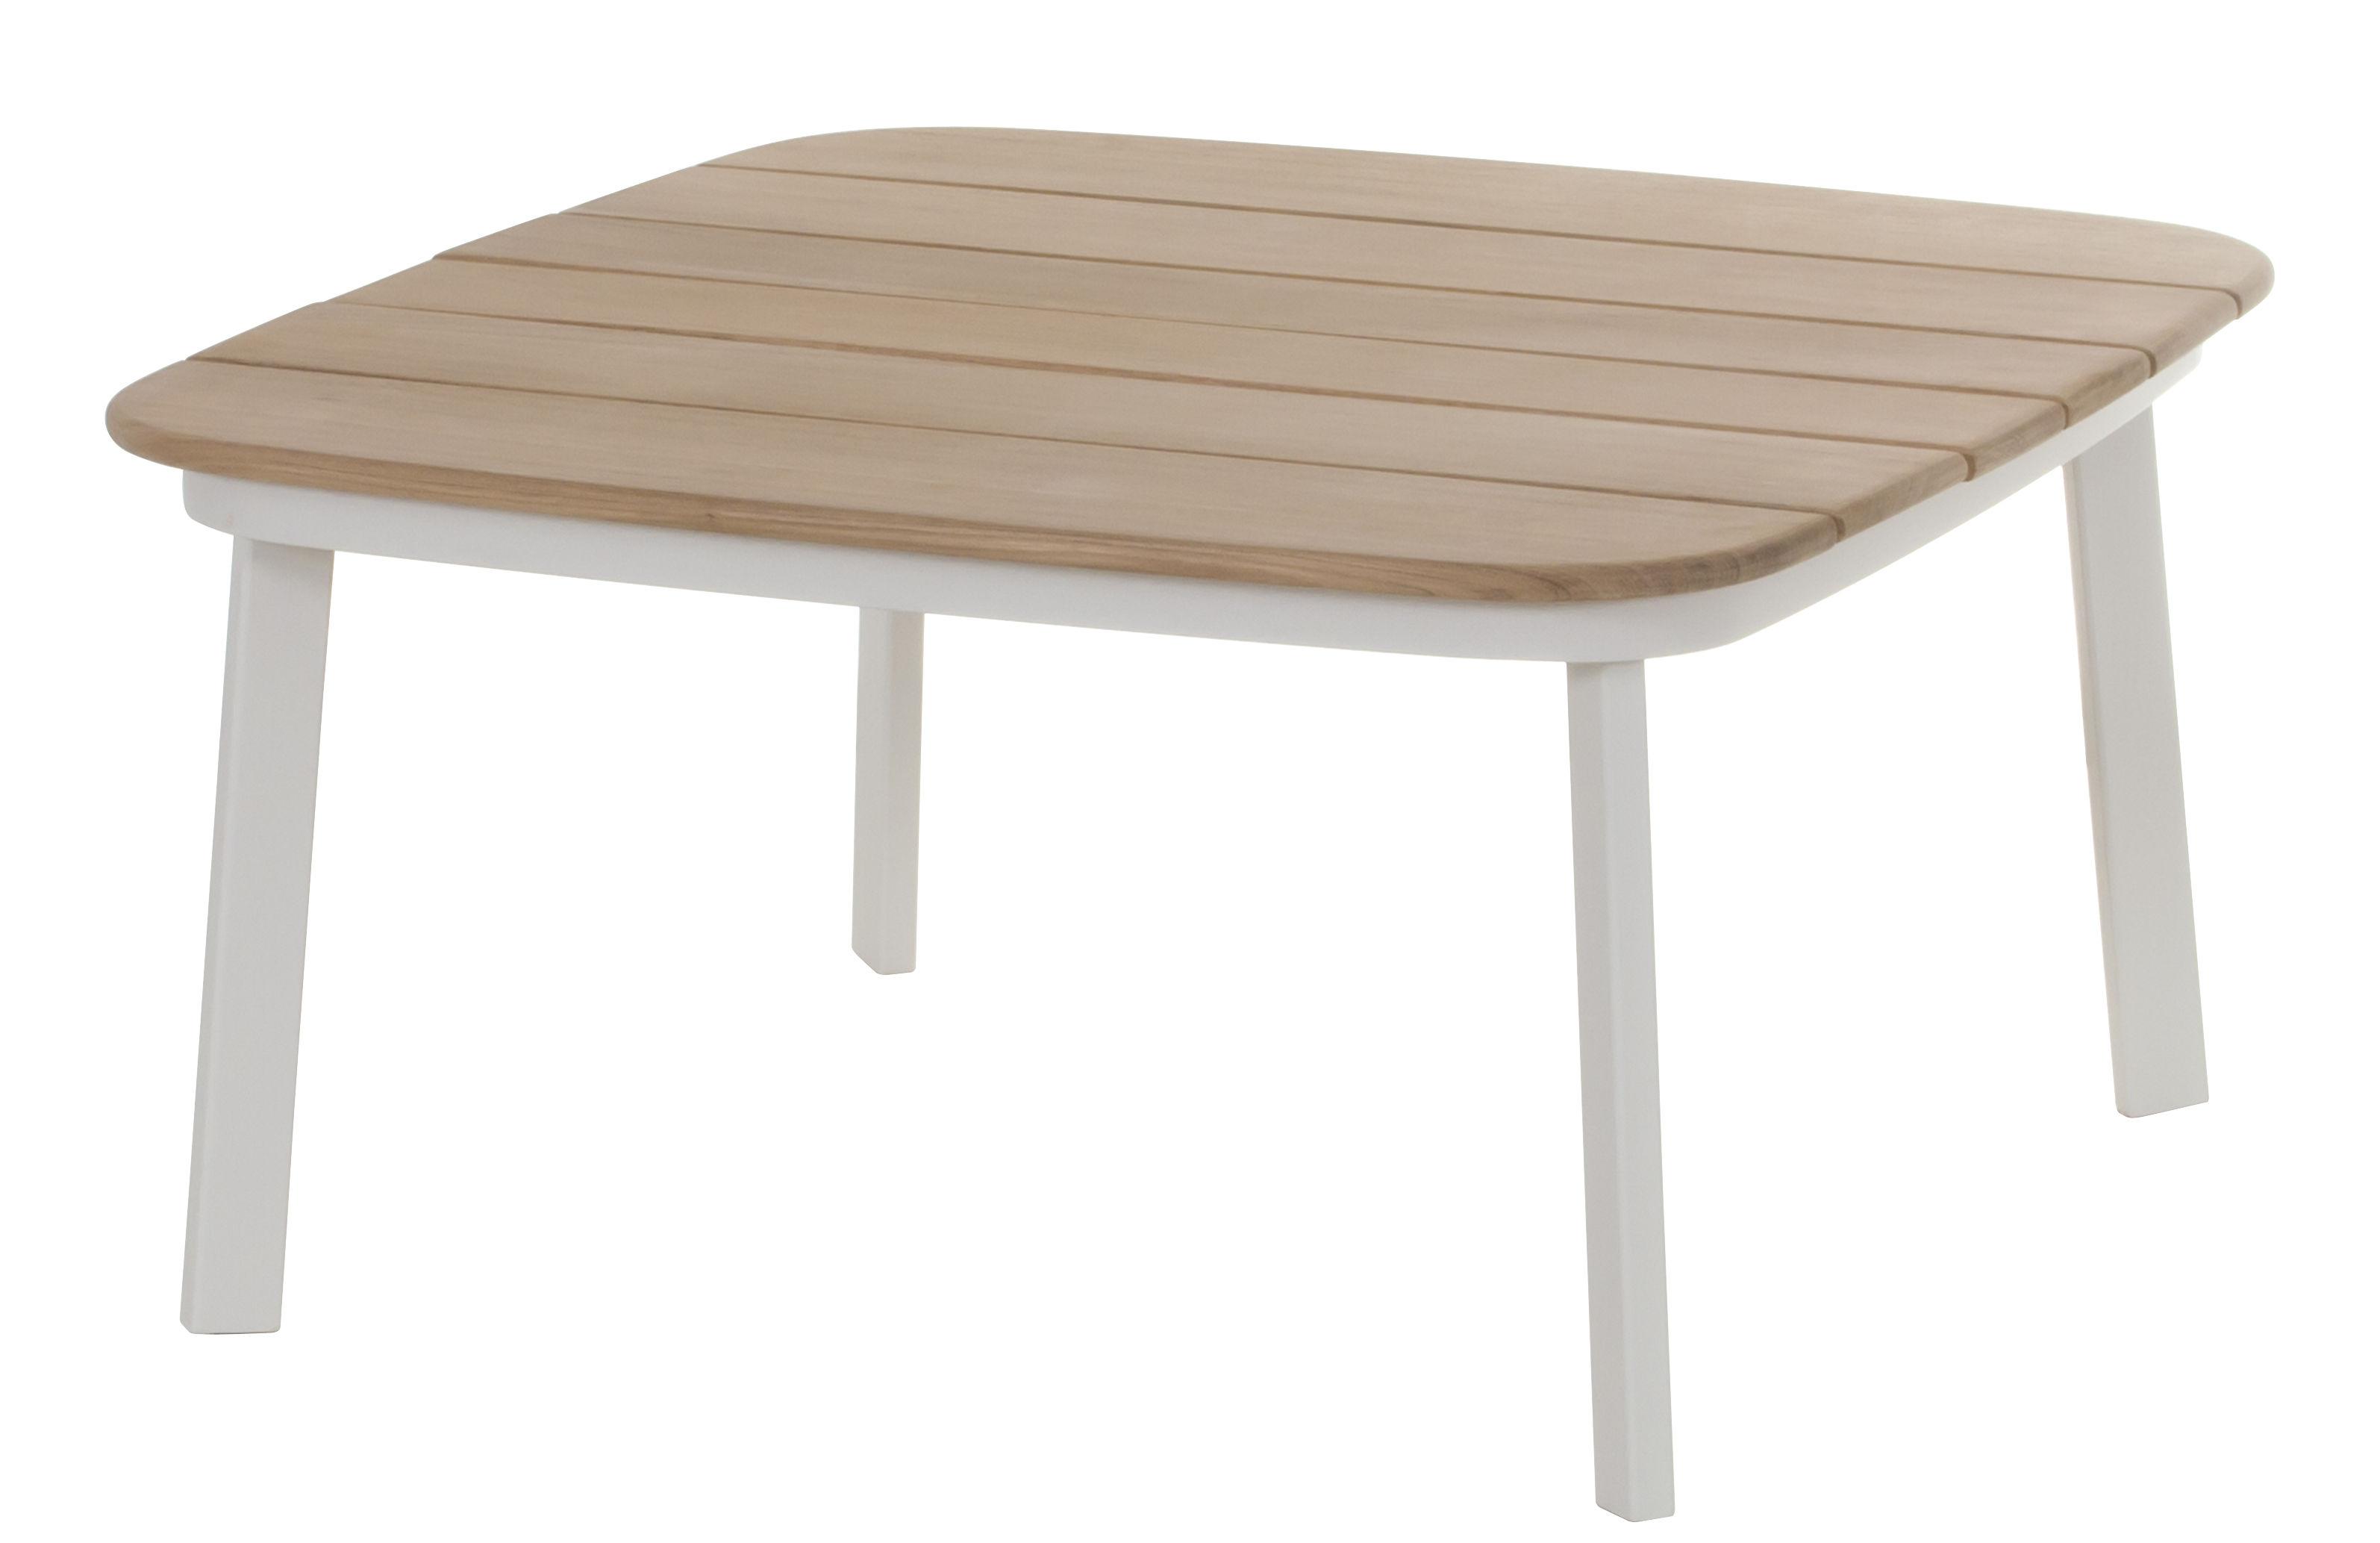 Arredamento - Tavolini  - Tavolino Shine - / 79 x 79 cm di Emu - Bianco / Top teck - alluminio verniciato, Teck